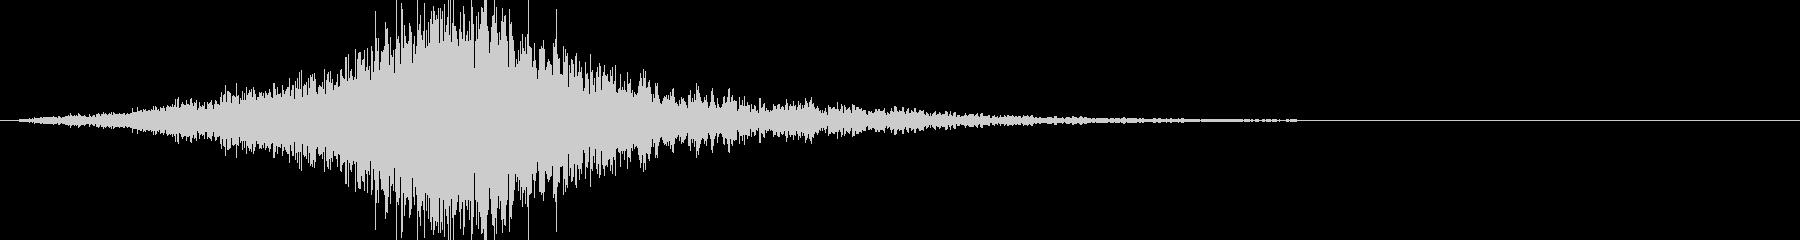 ジャーン:インパクトある怖い音(ホラー)の未再生の波形